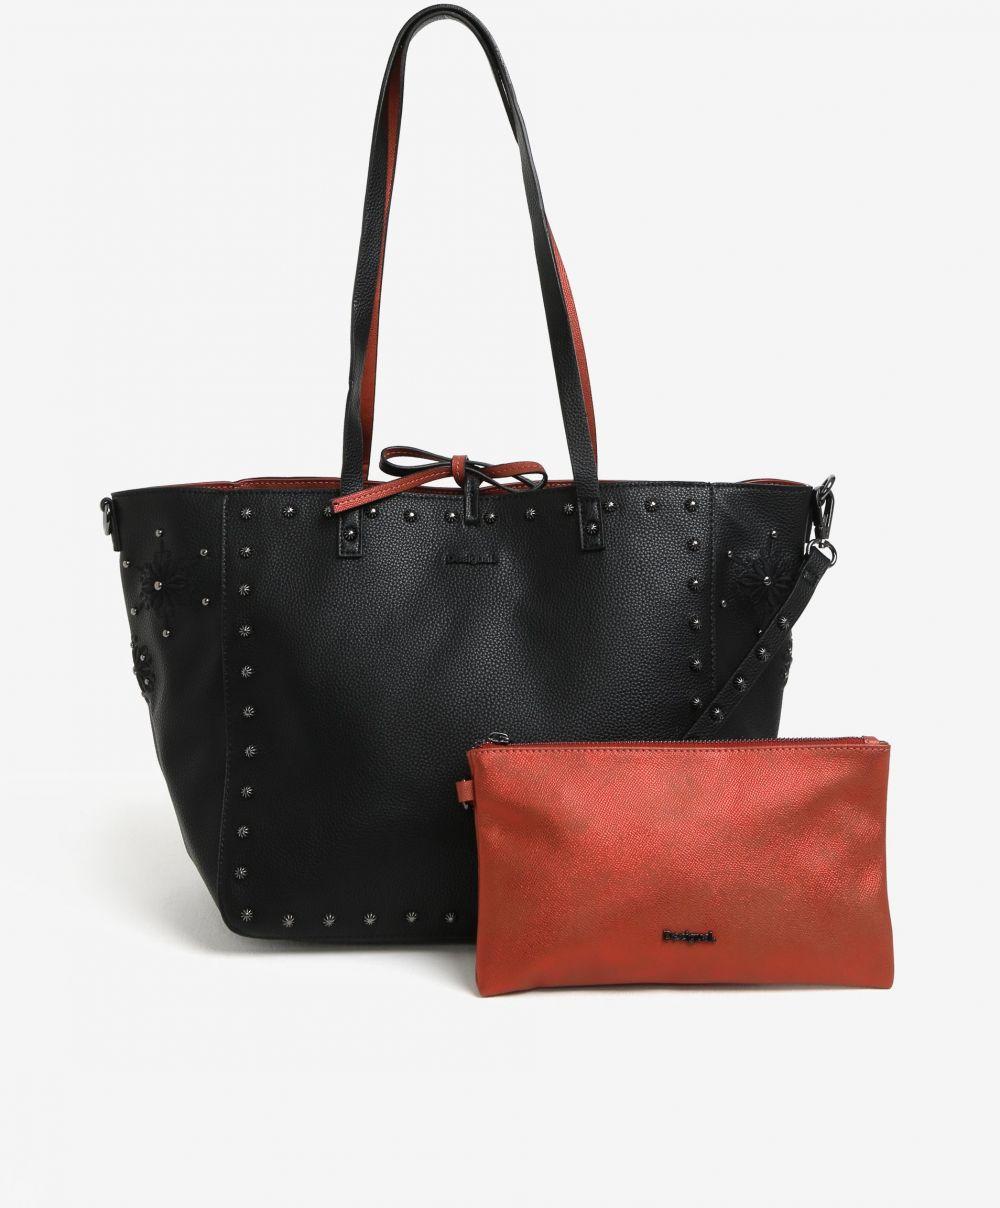 a871c568b3 Čierno-tehlový obojstranný shopper s listovou kabelkou 2v1 Desigual  Portland značky Desigual - Lovely.sk